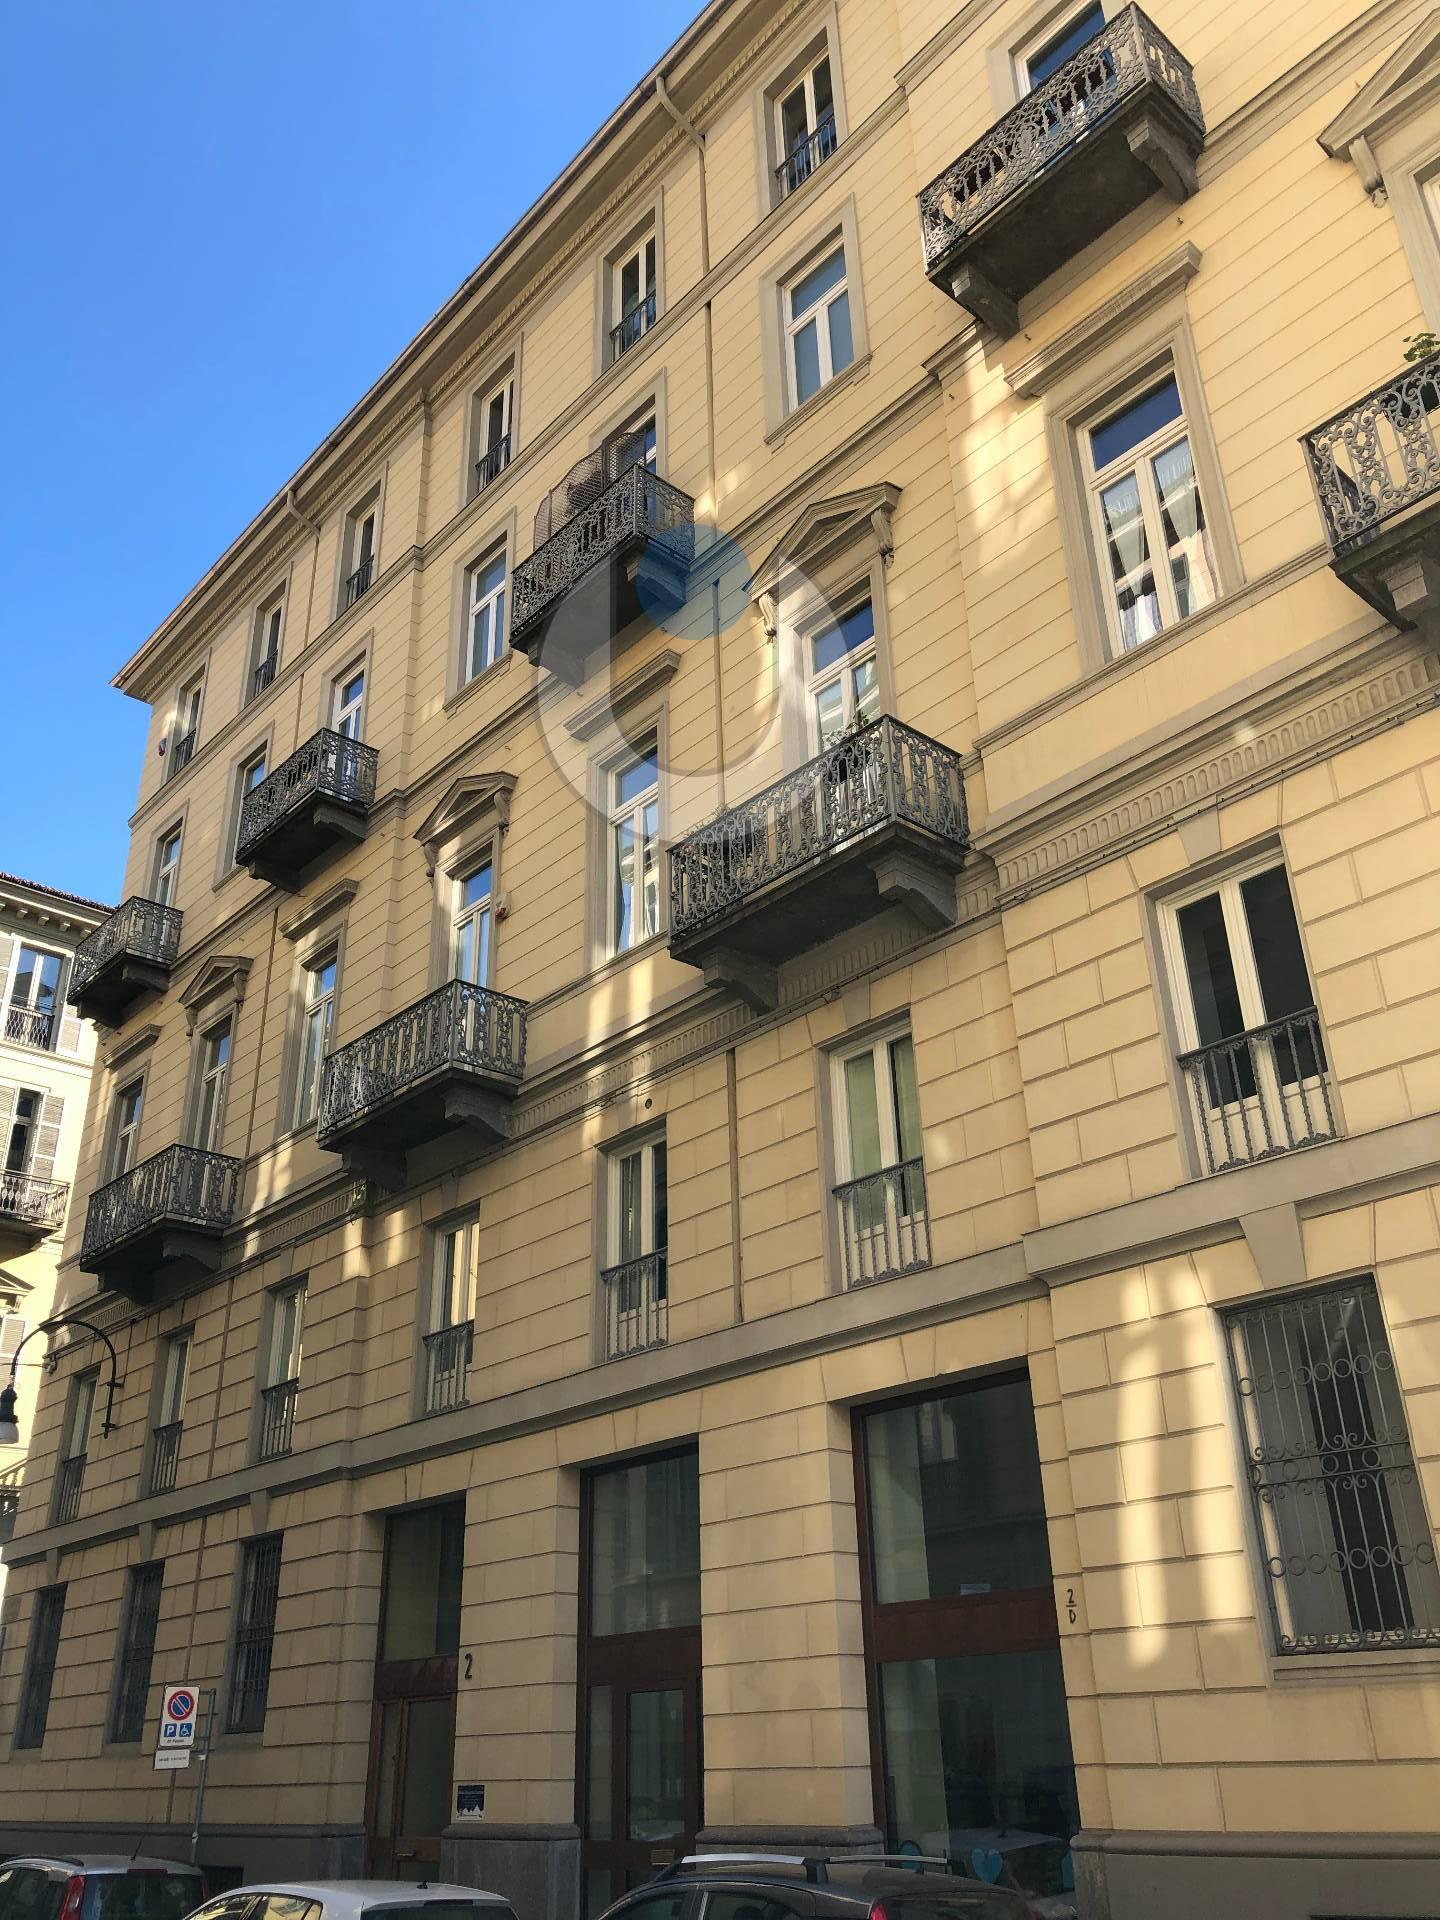 Appartamento in affitto a torino pernigotti immobili for Appartamento design torino affitto